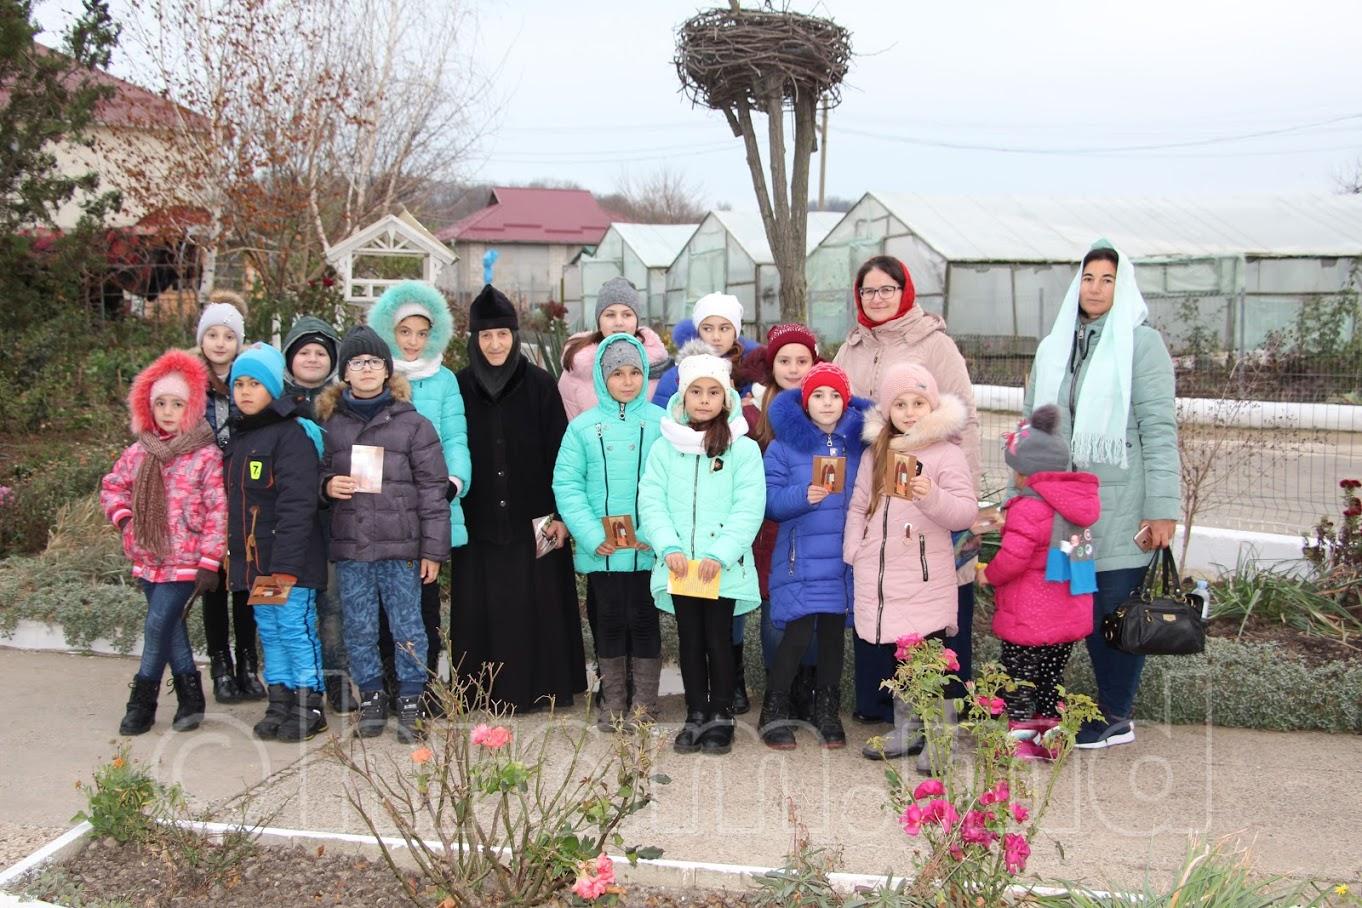 (ФОТО) Церковная школа с. Чишмикиой посетила монастырь и конеферму в Чадыр-Лунге